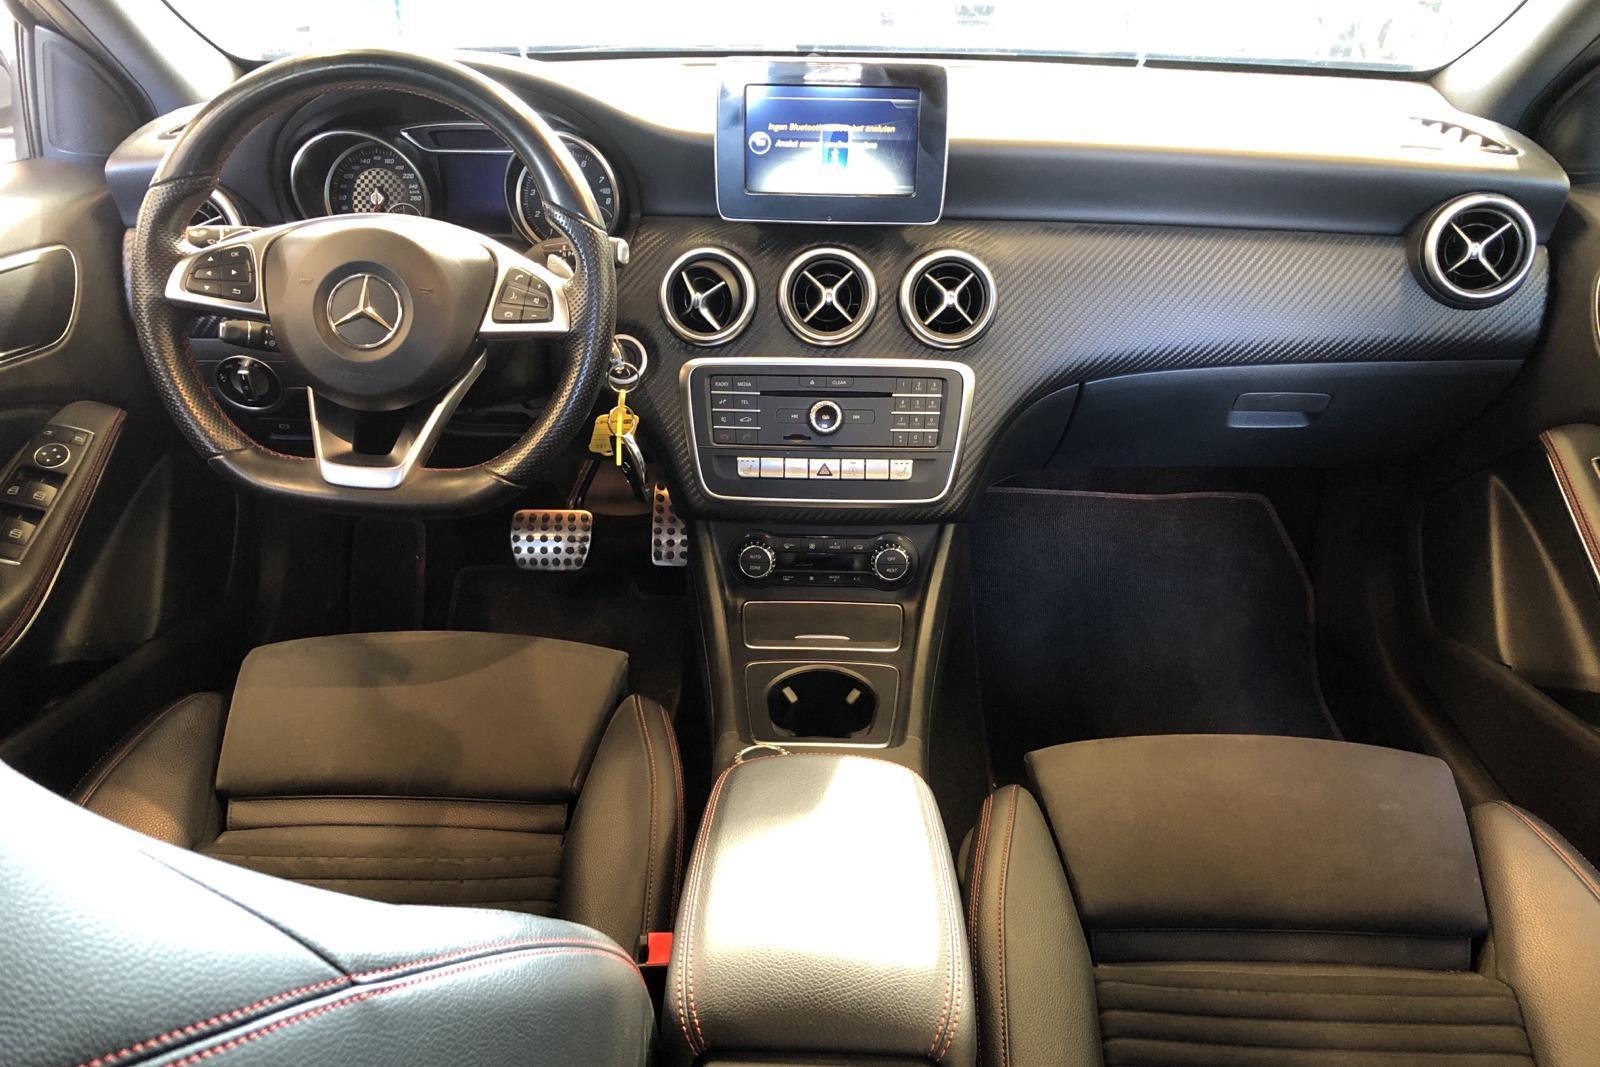 Mercedes A 180 5dr W176 (122hk) - 62 580 km - Automatic - Dark Grey - 2017